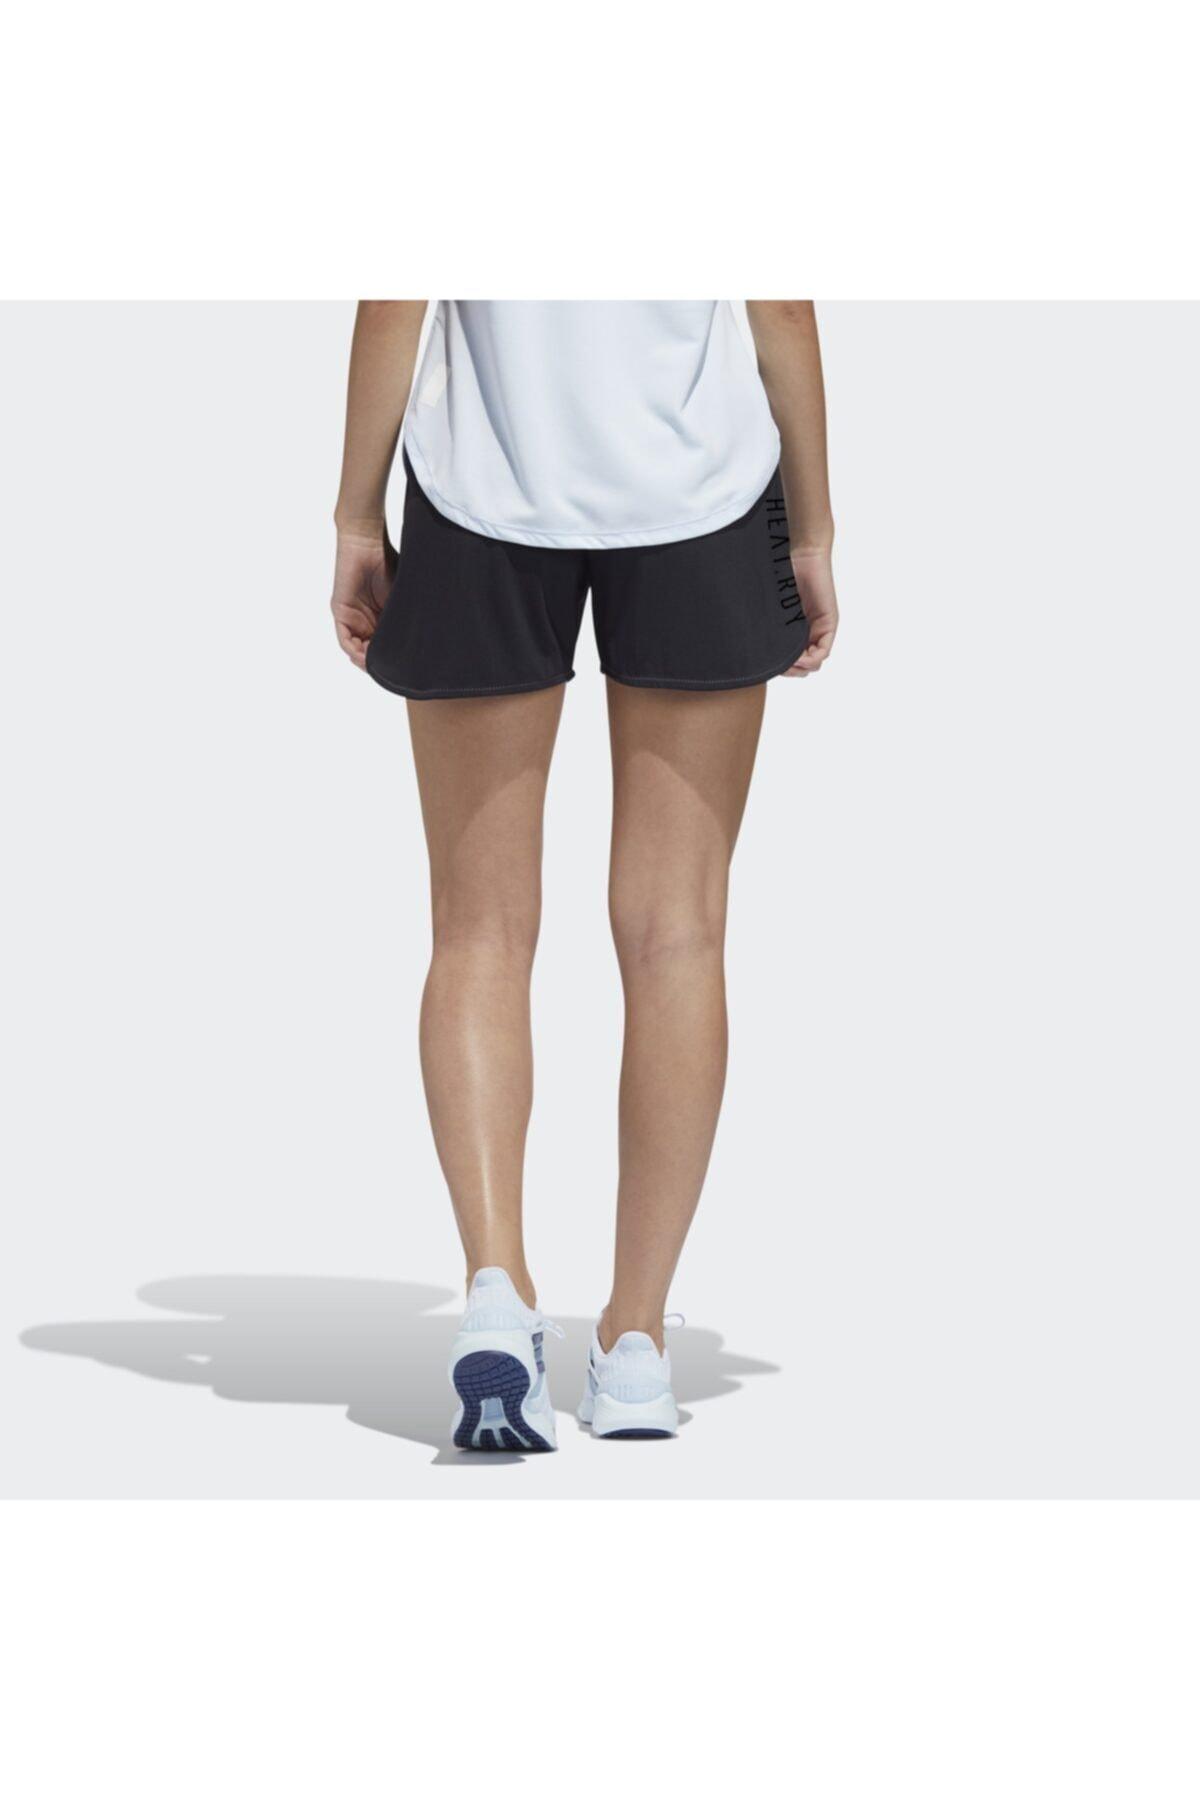 adidas Trg Sho H.rdy Kadın Şort